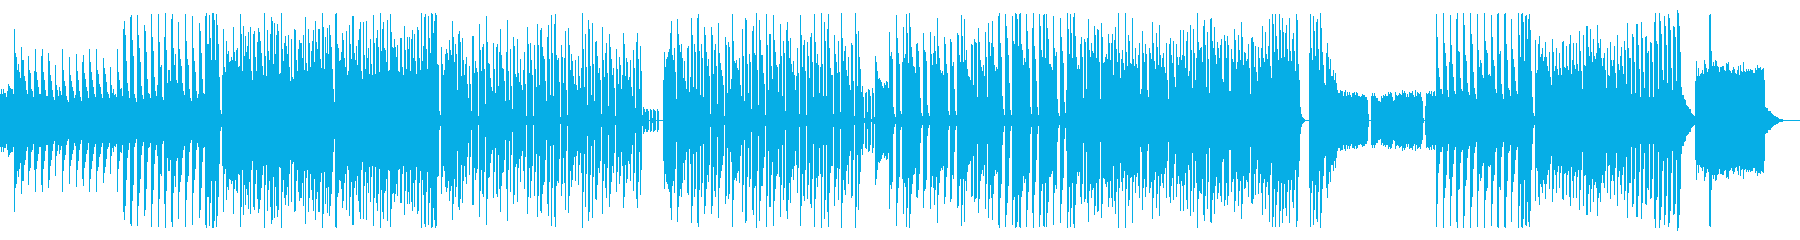 軽快なリズムと可愛らしいテクノサウンドの再生済みの波形